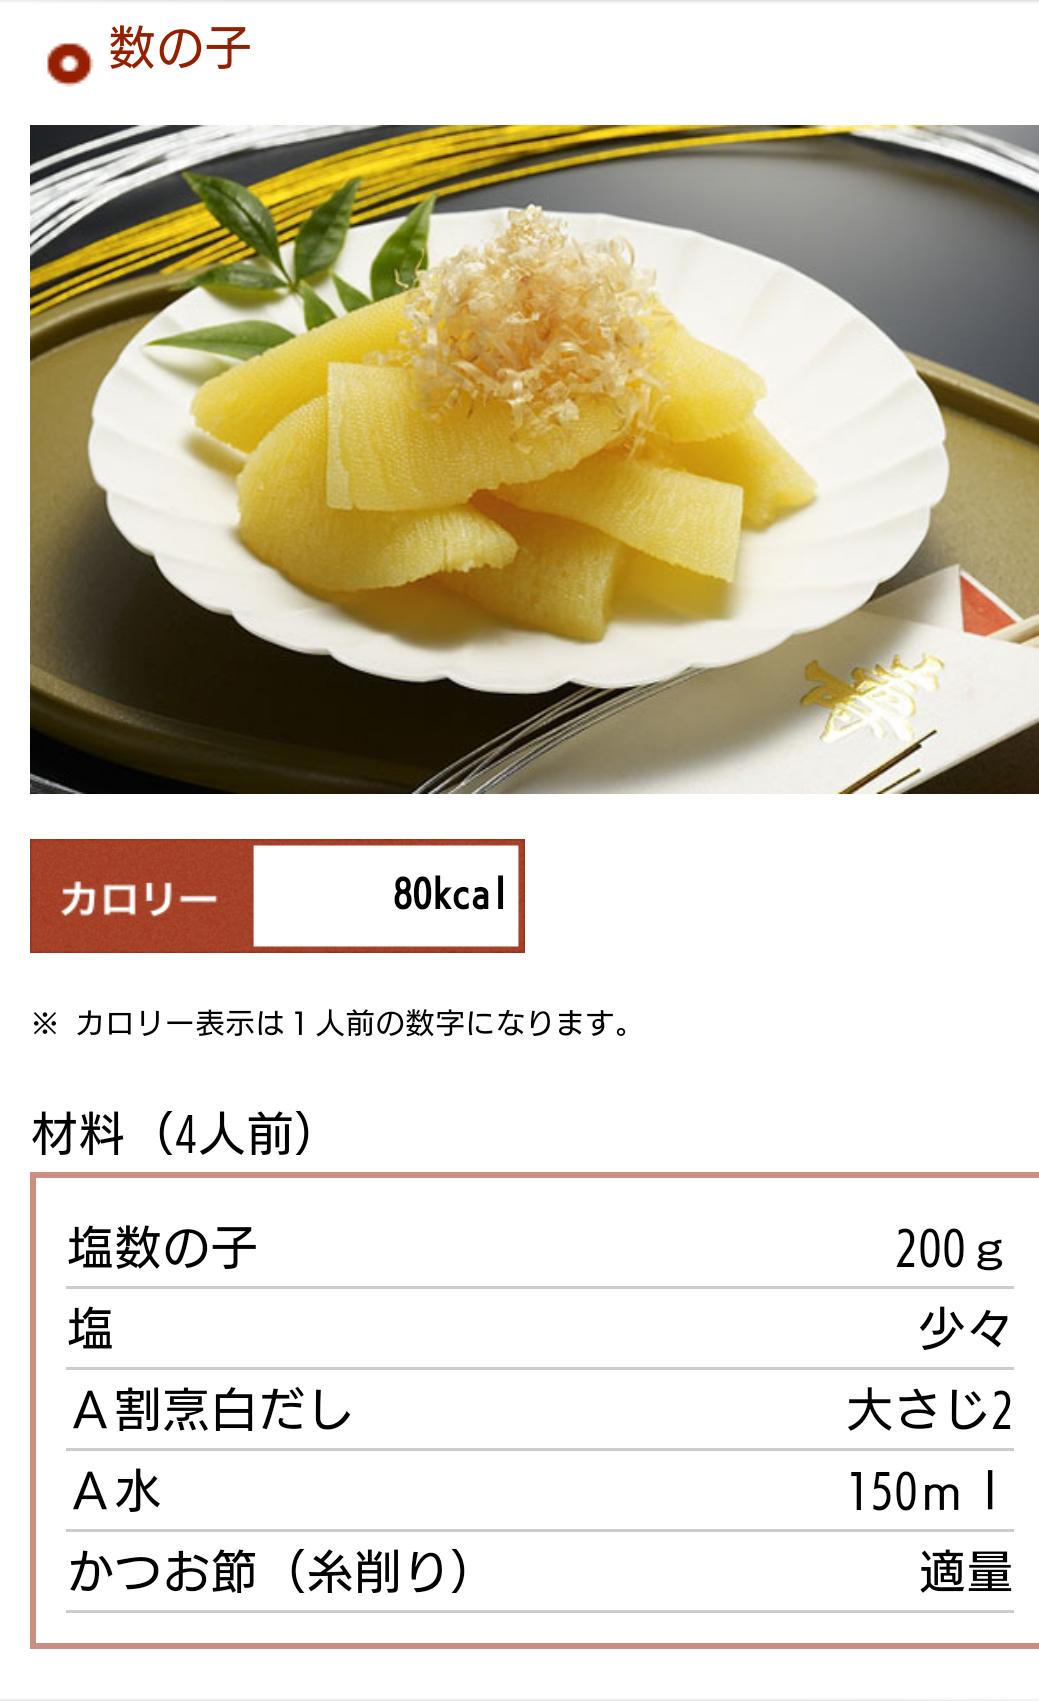 【おせち作り】作る予定のおせち料理&そのレシピ